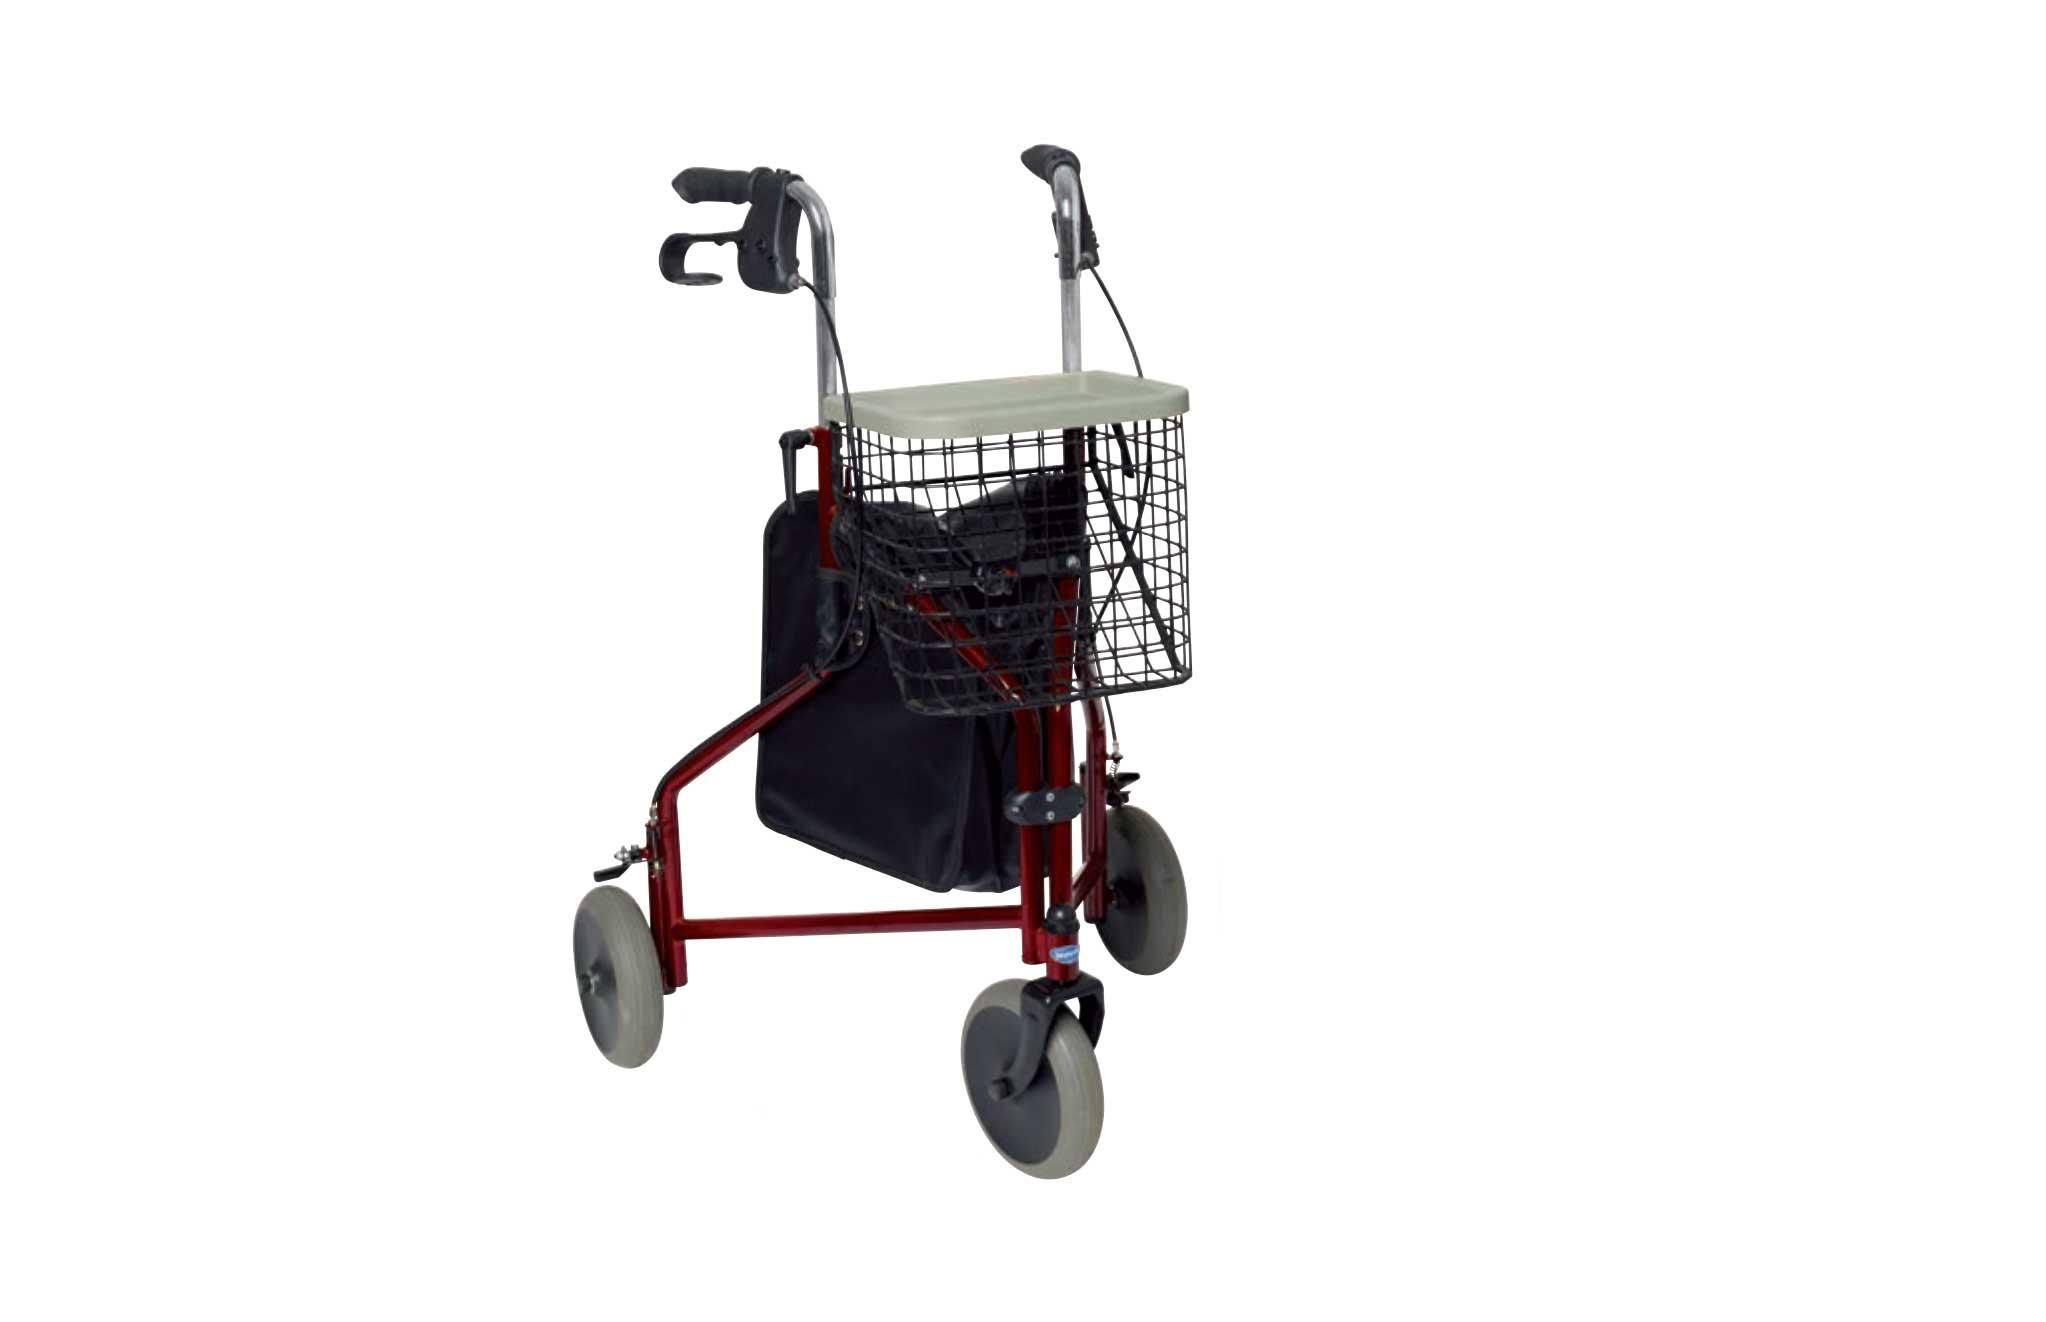 Andarilho com estrutura vermelha, com cesto, visto de perfil.